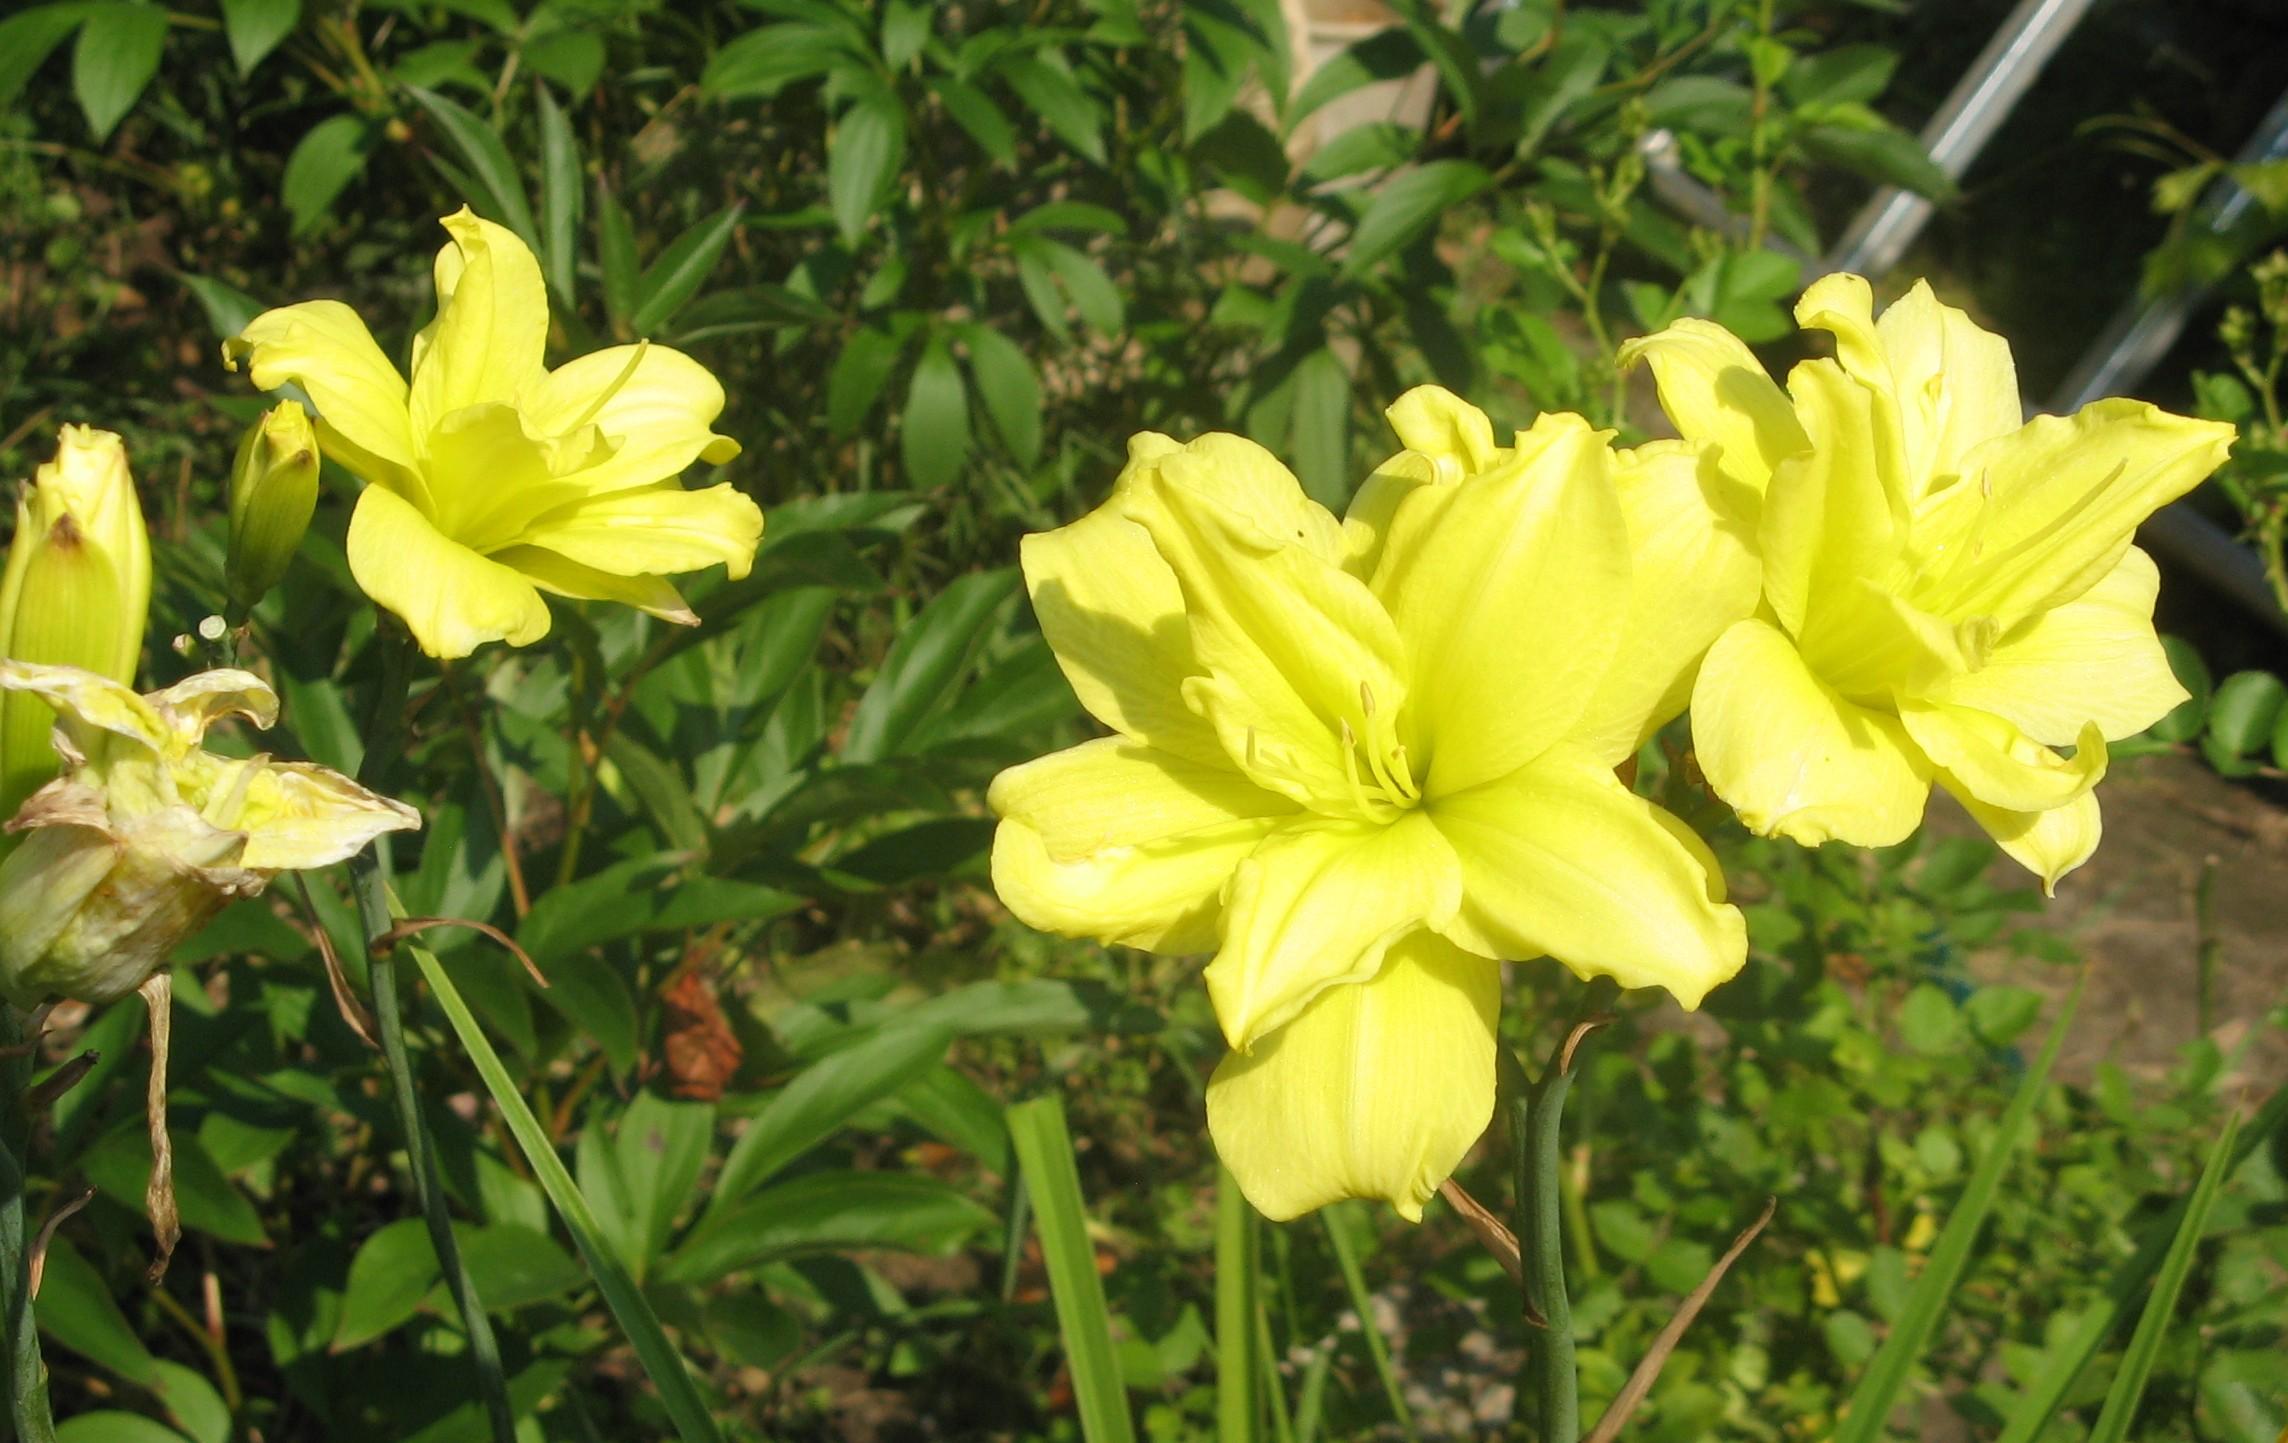 жёлтый махровый лилейник